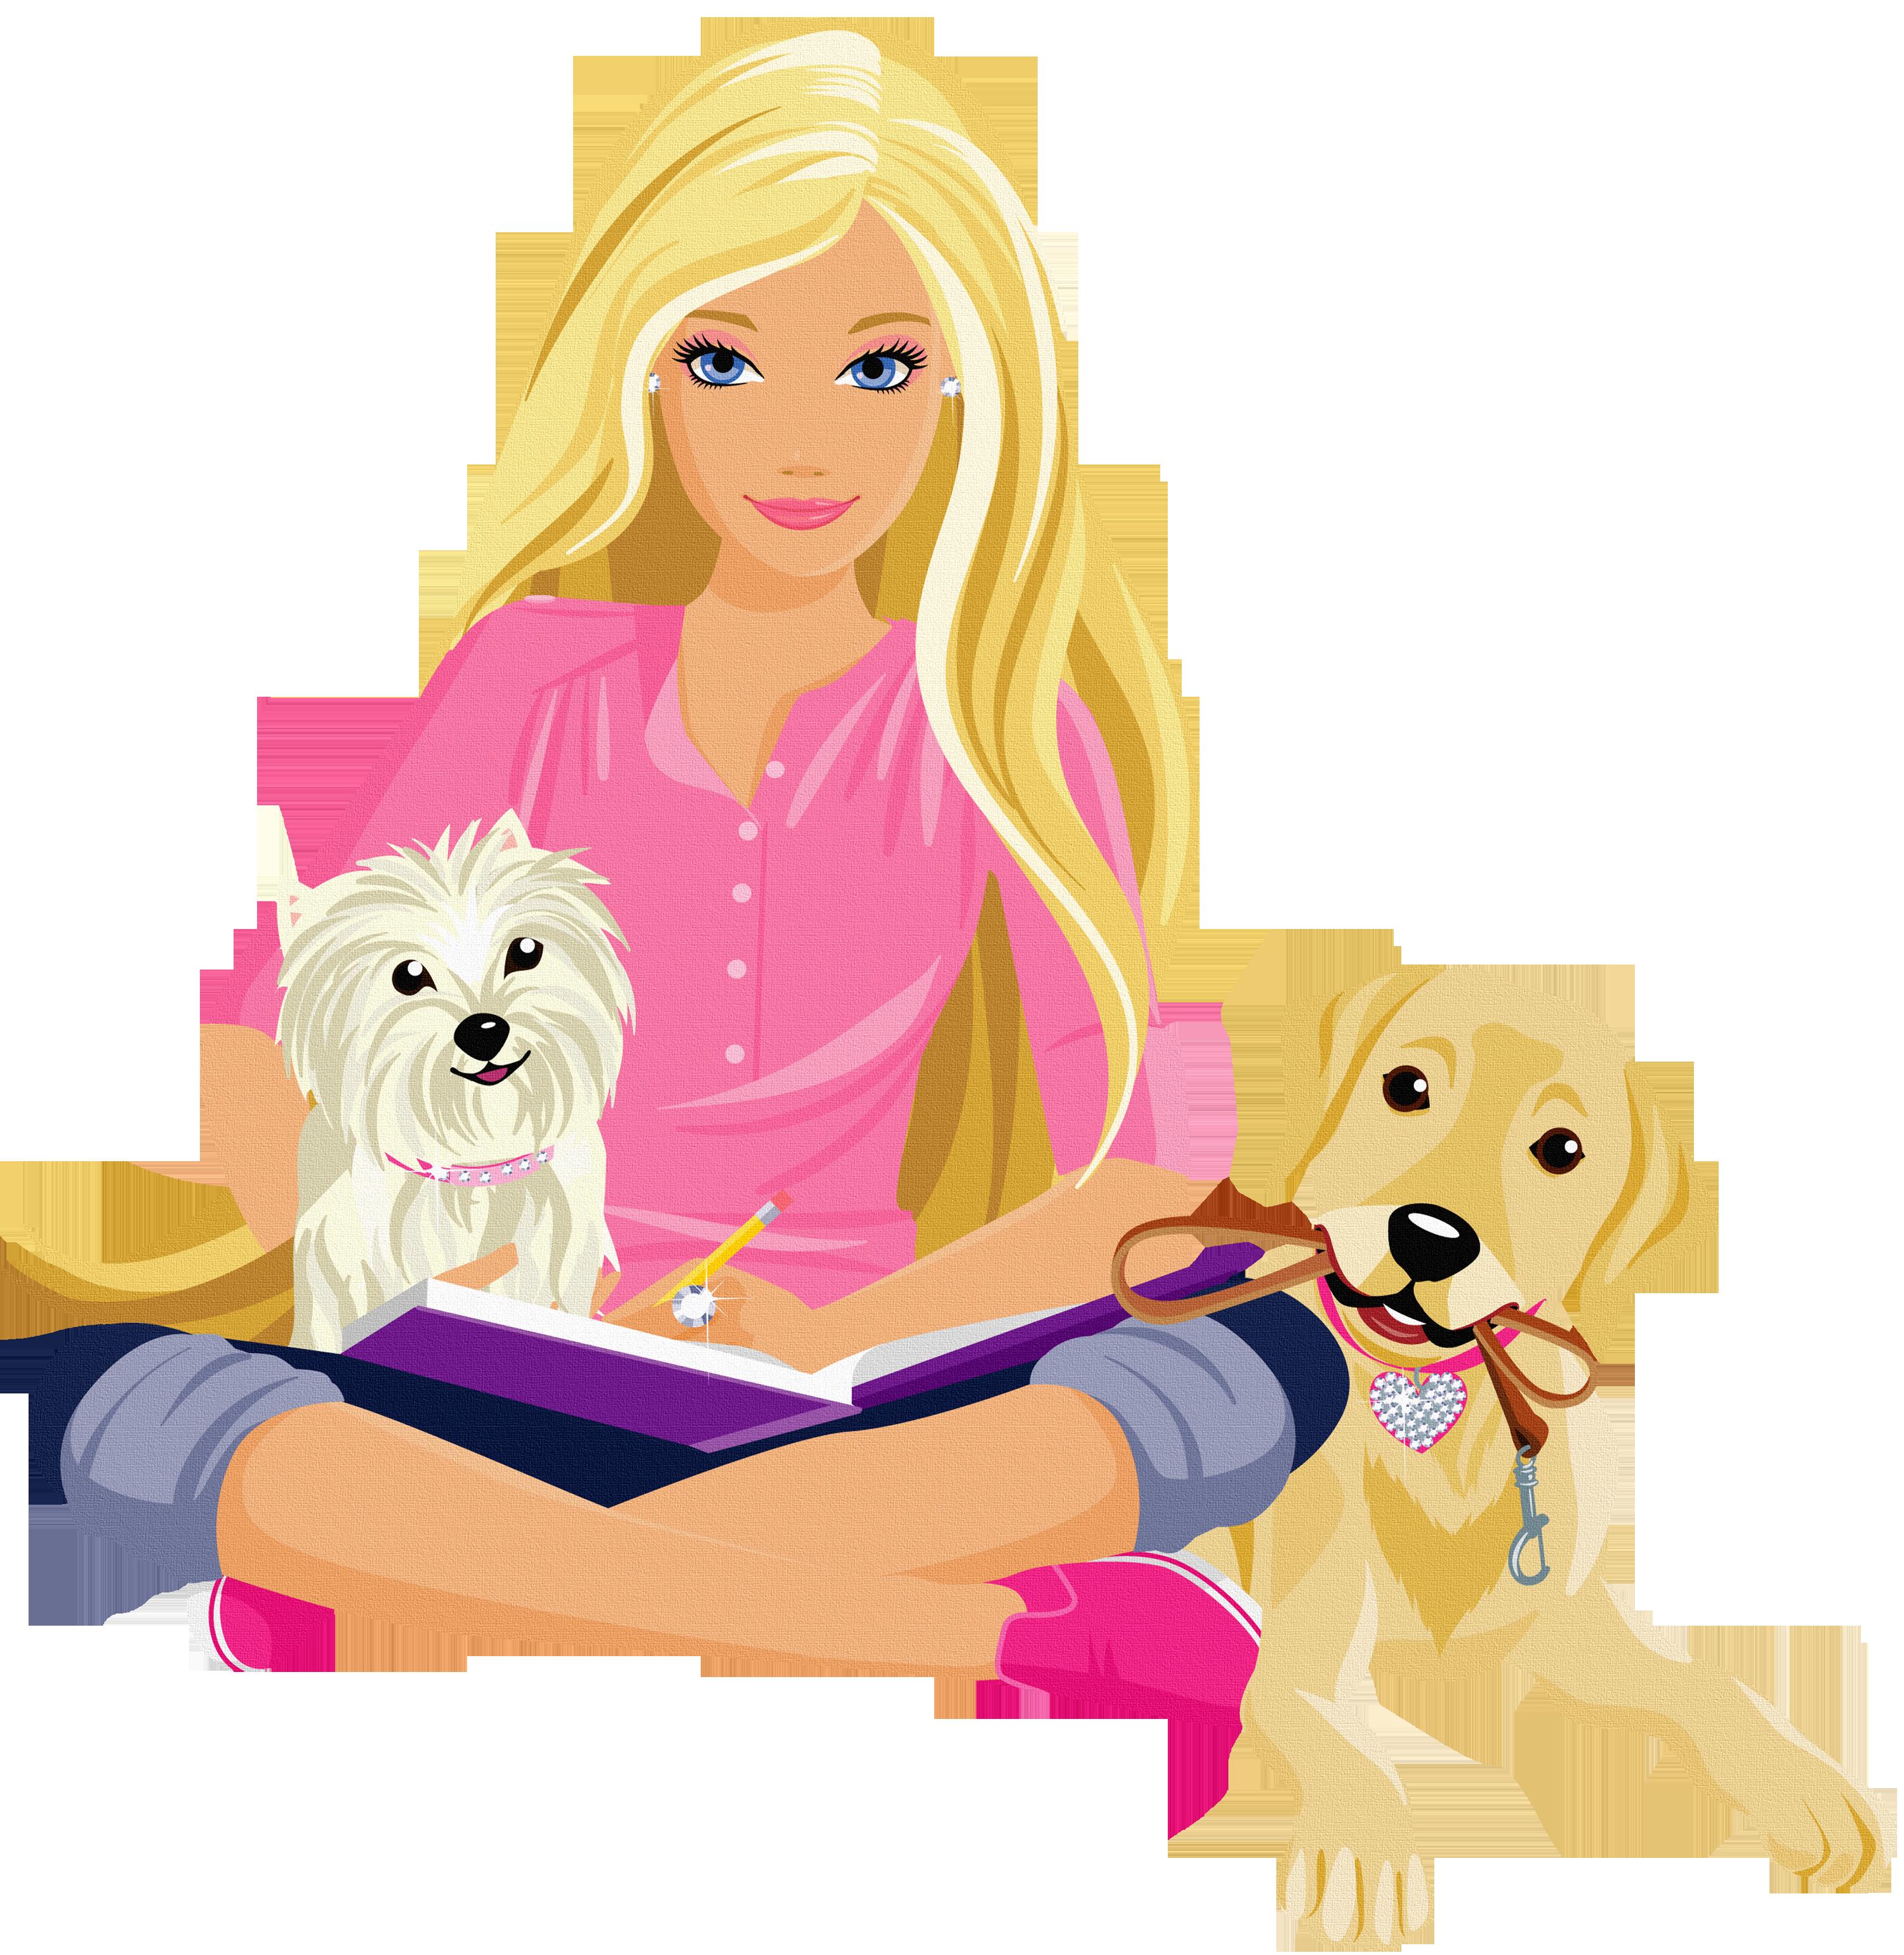 Transparent_Barbie_Clipart.png?mu003d1381269600. Barbie Clipart. Barbie Clip Art. Barbie Clipart